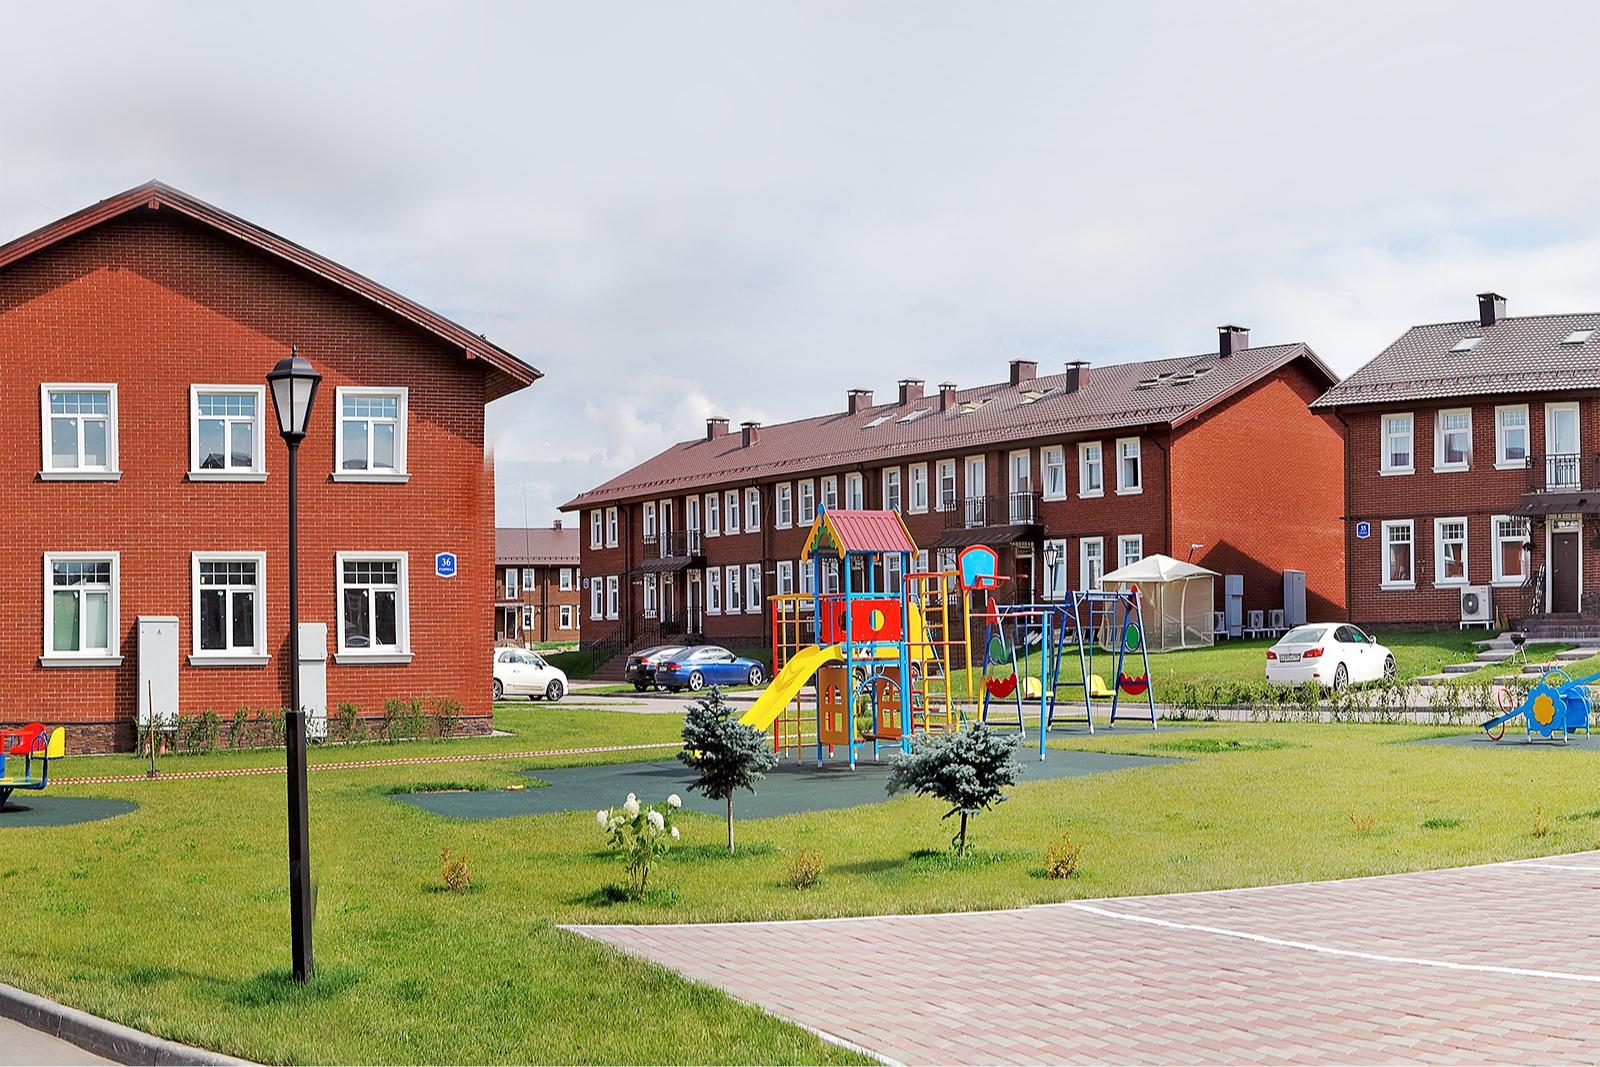 Поселок «Бристоль» находится недалеко от Москвы, в 7 км от МКАД по Киевскому шоссе